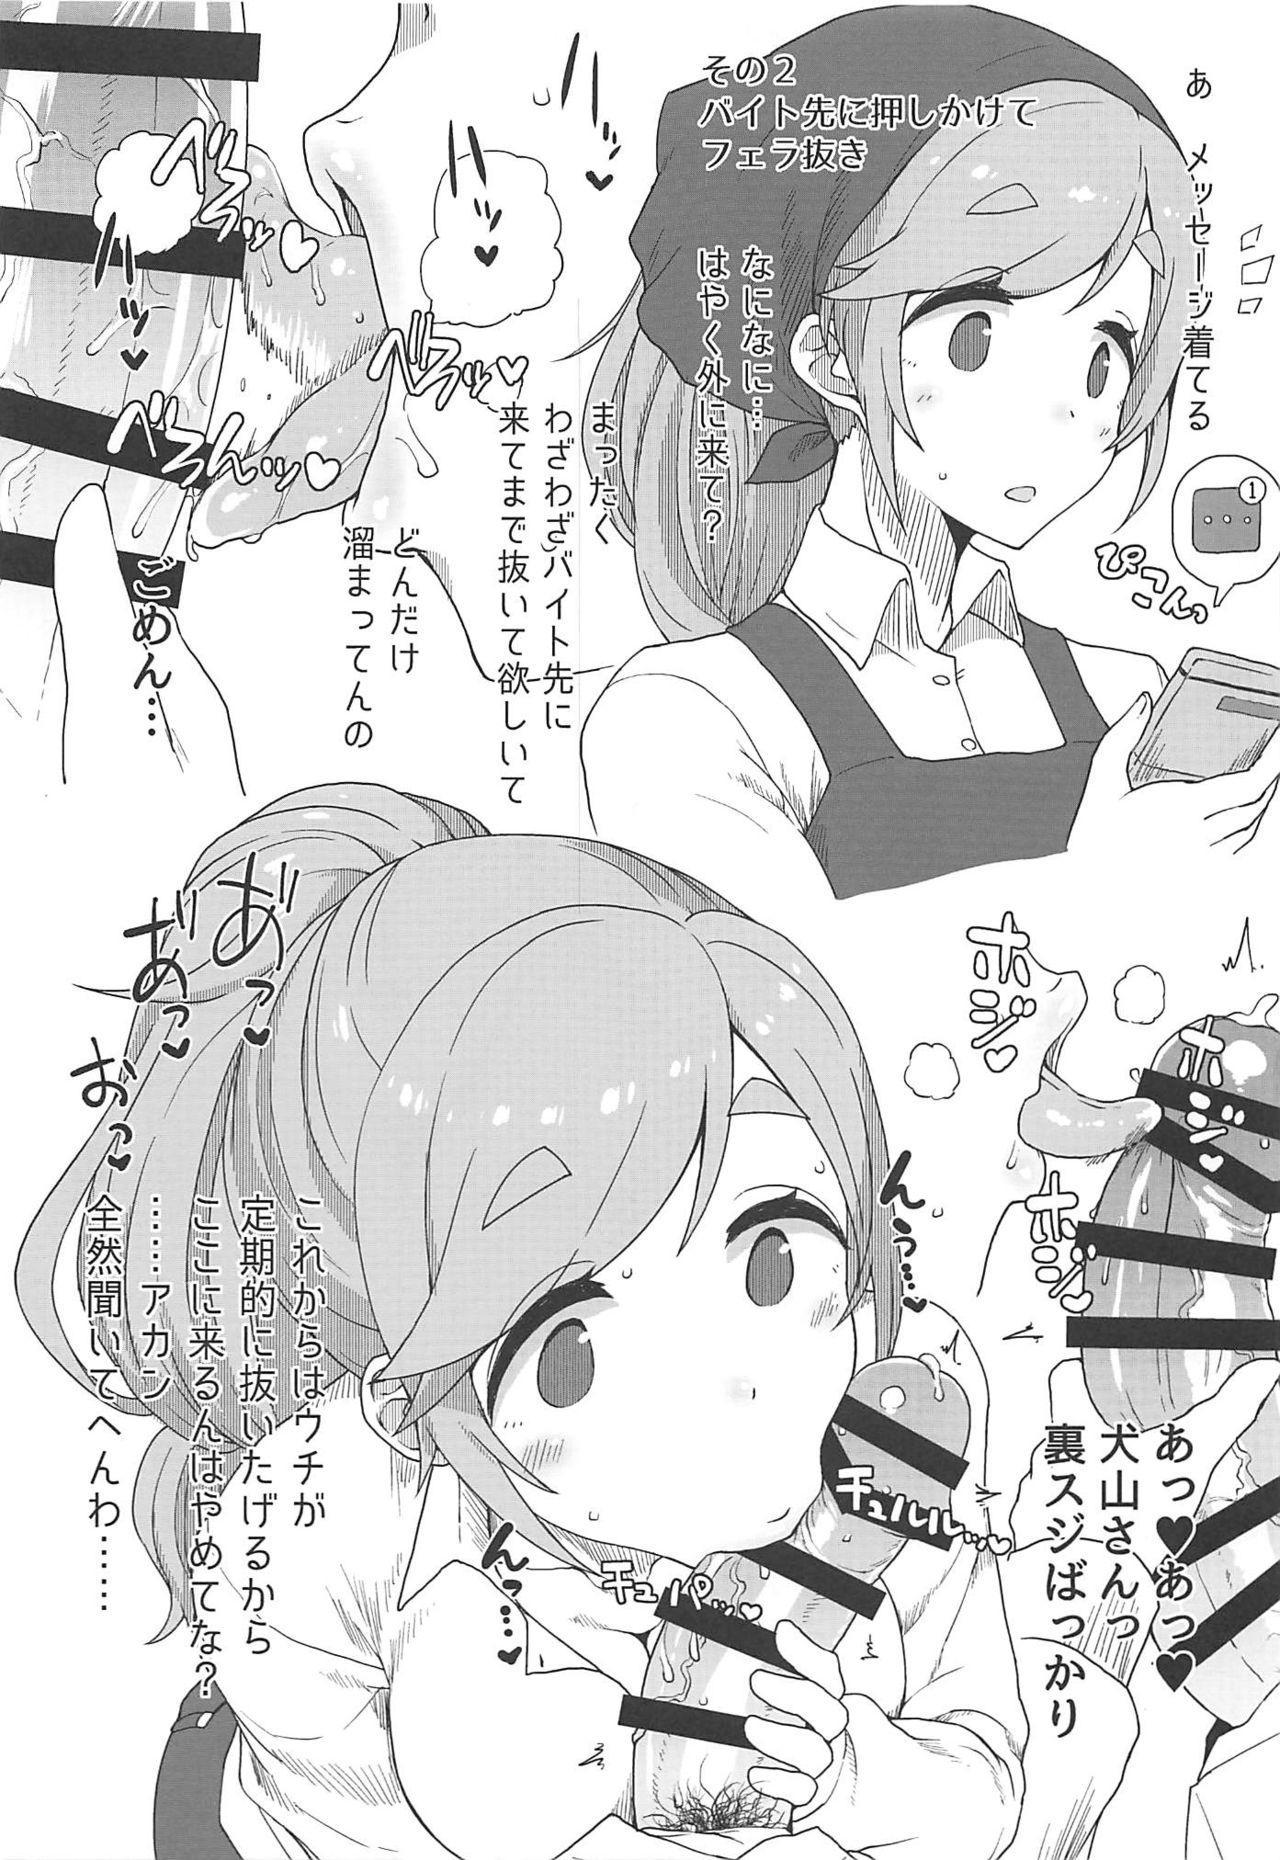 Omake no Matome+ 21